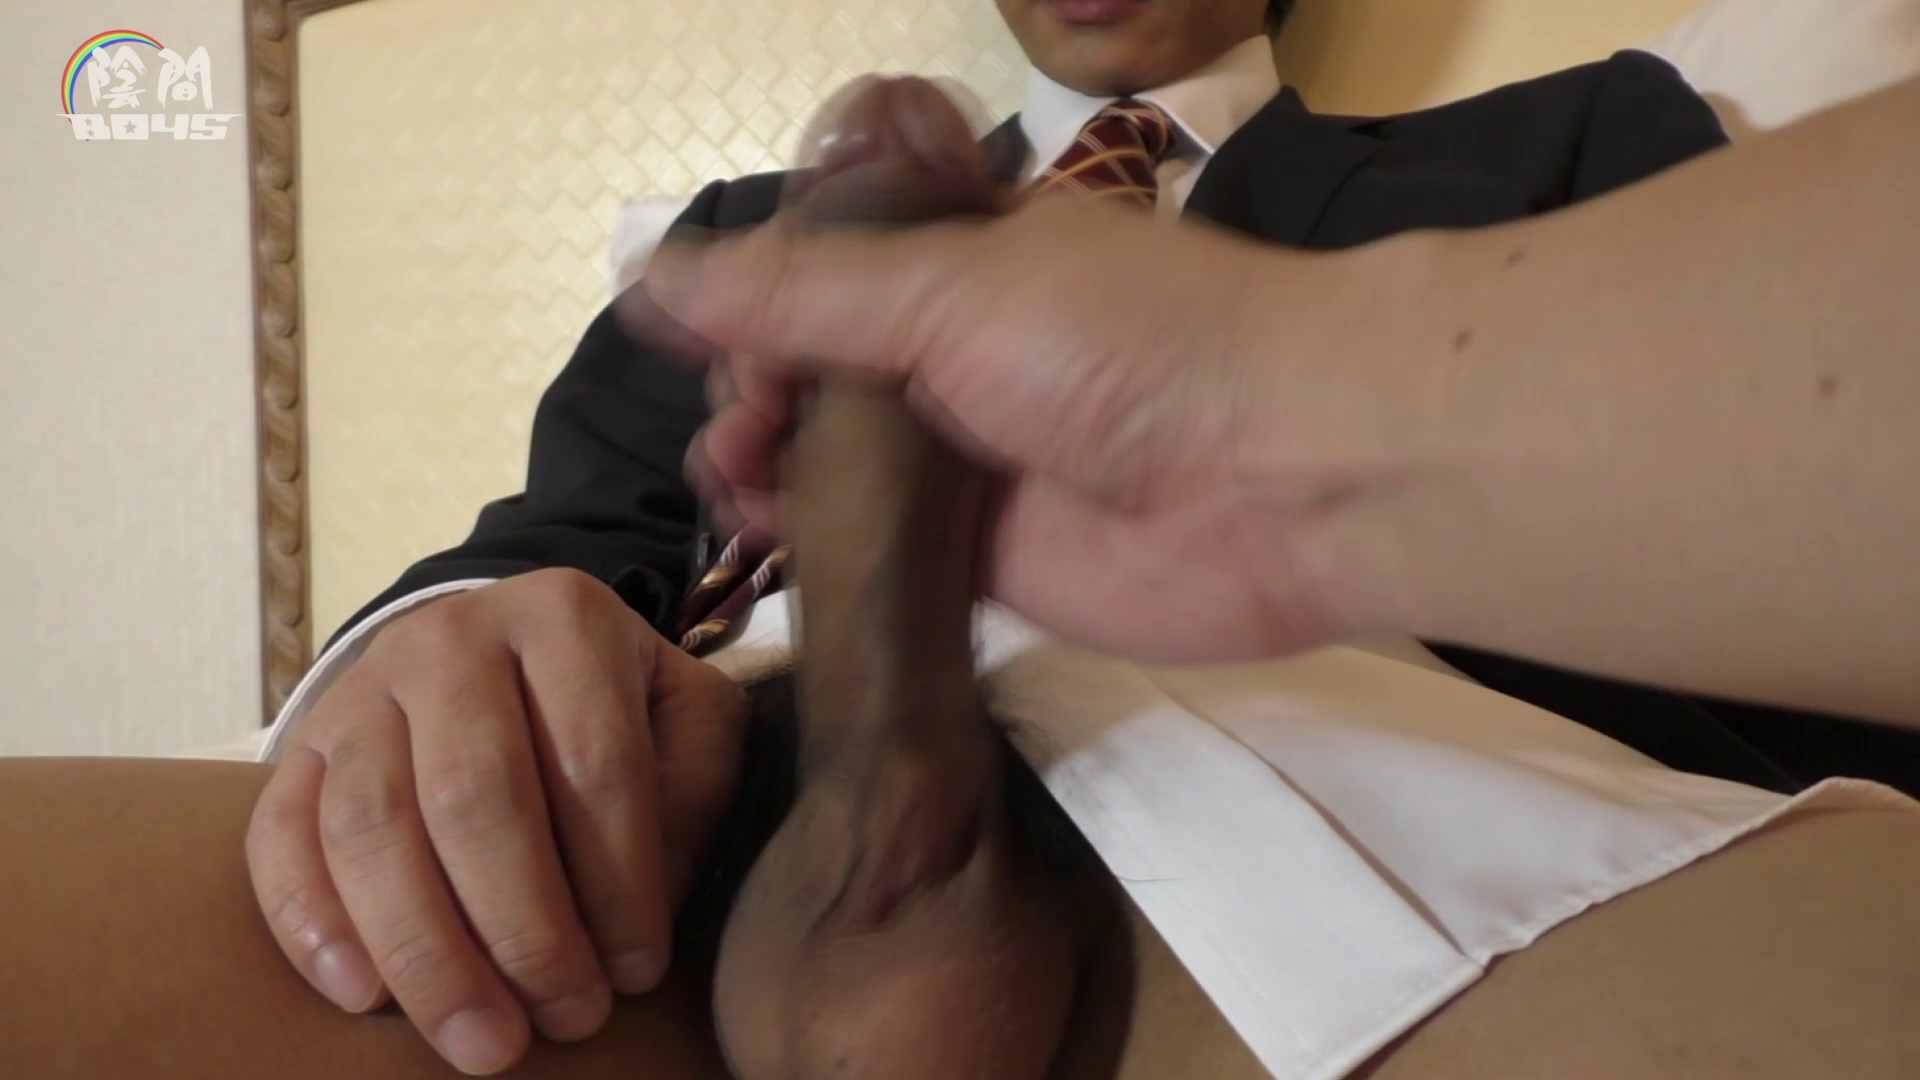 陰間BOYS~キャバクラの仕事はアナルから4 Vol.02 オナニー ゲイセックス画像 105枚 58